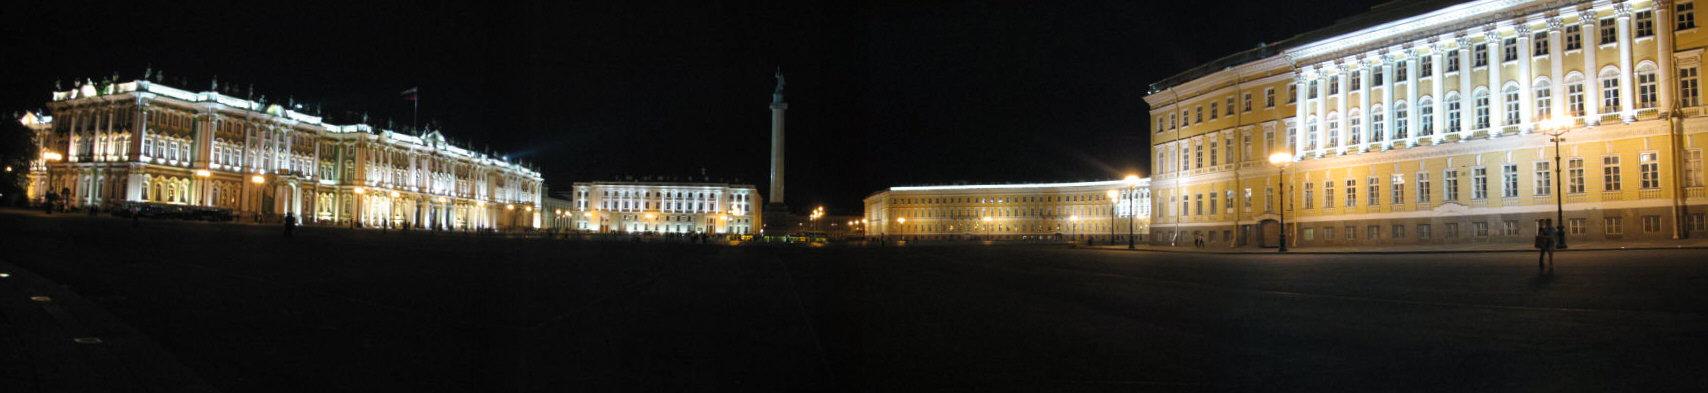 notturno dell'Ermitage di San Pietroburgo